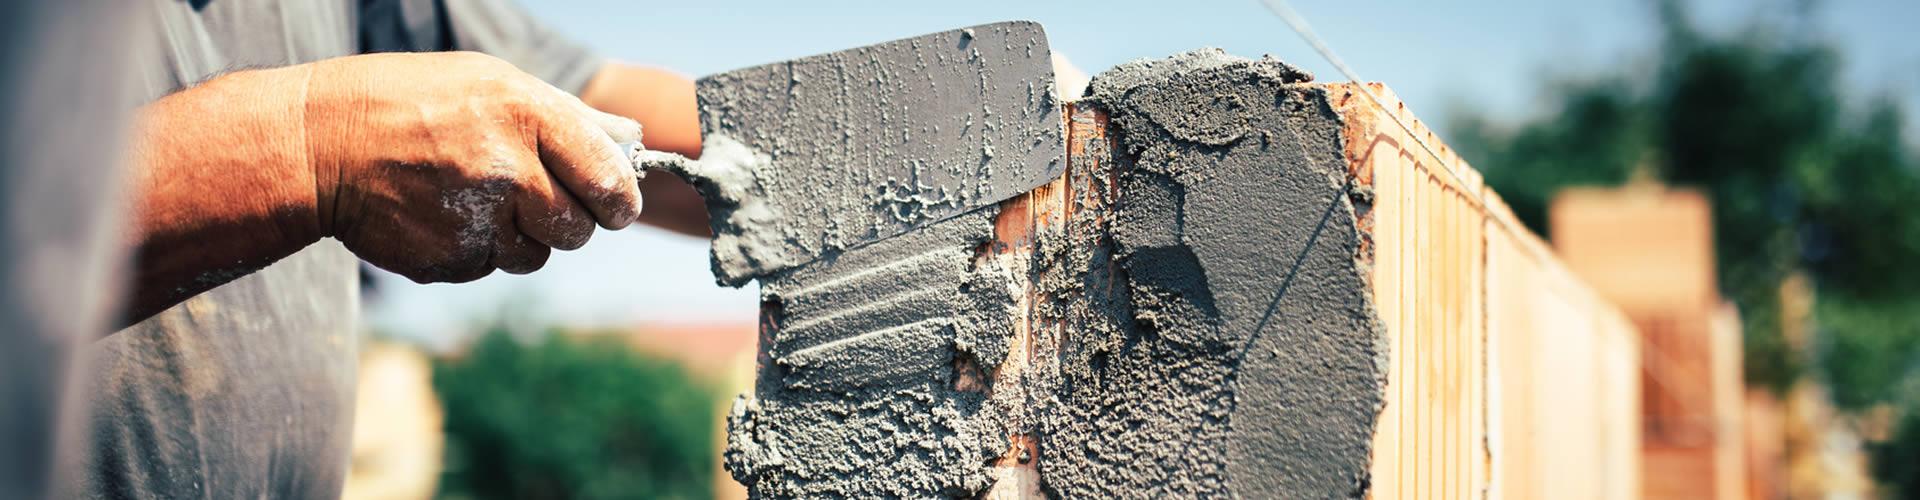 richiedi preventivi infissi legno e falegnameria